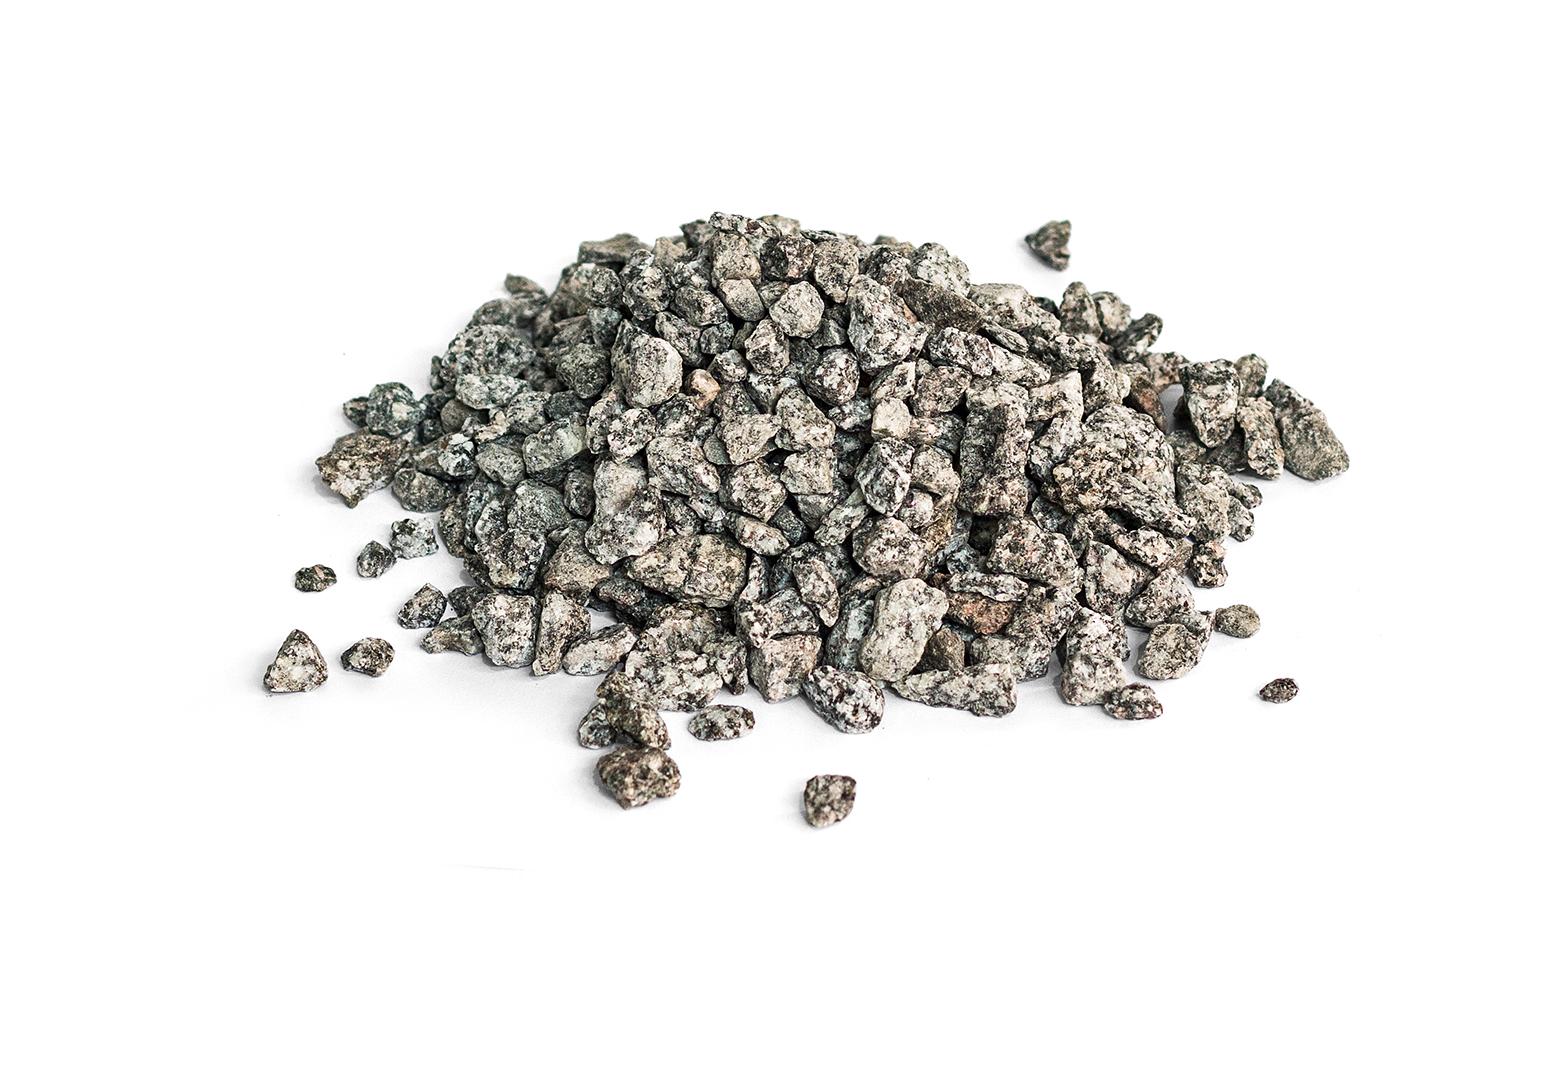 Redsun | Granietsplit grijs/wit 8-16 mm | 500 kg